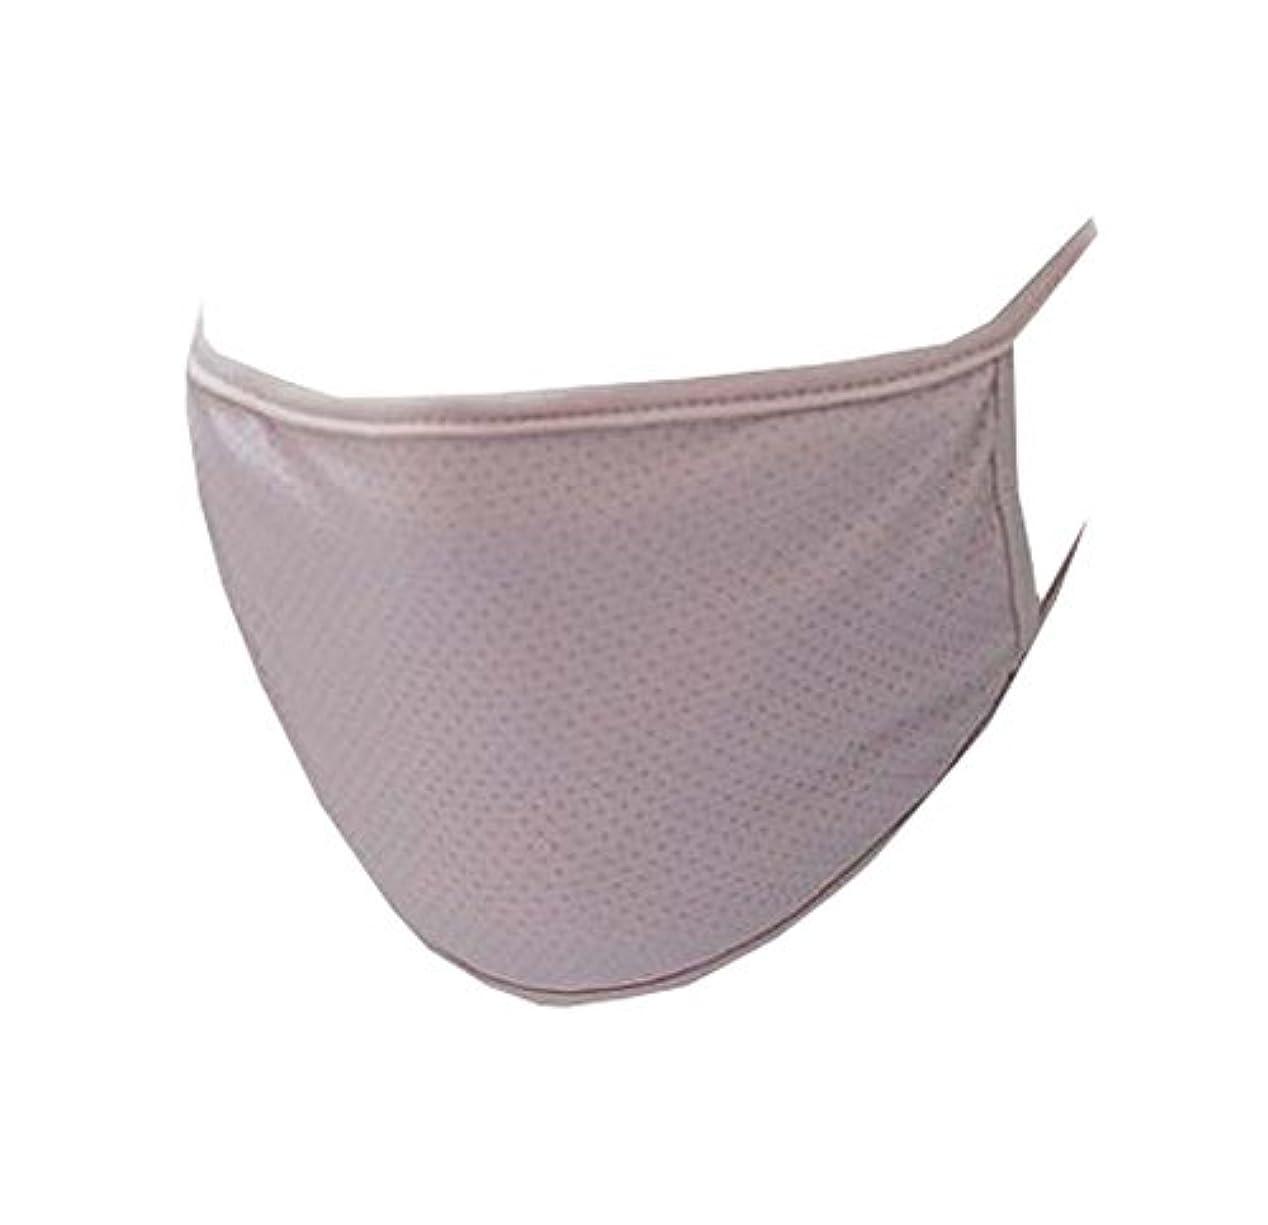 ジョージハンブリー第二に札入れ口マスク、再使用可能フィルター - 埃、花粉、アレルゲン、抗UV、およびインフルエンザ菌 - F